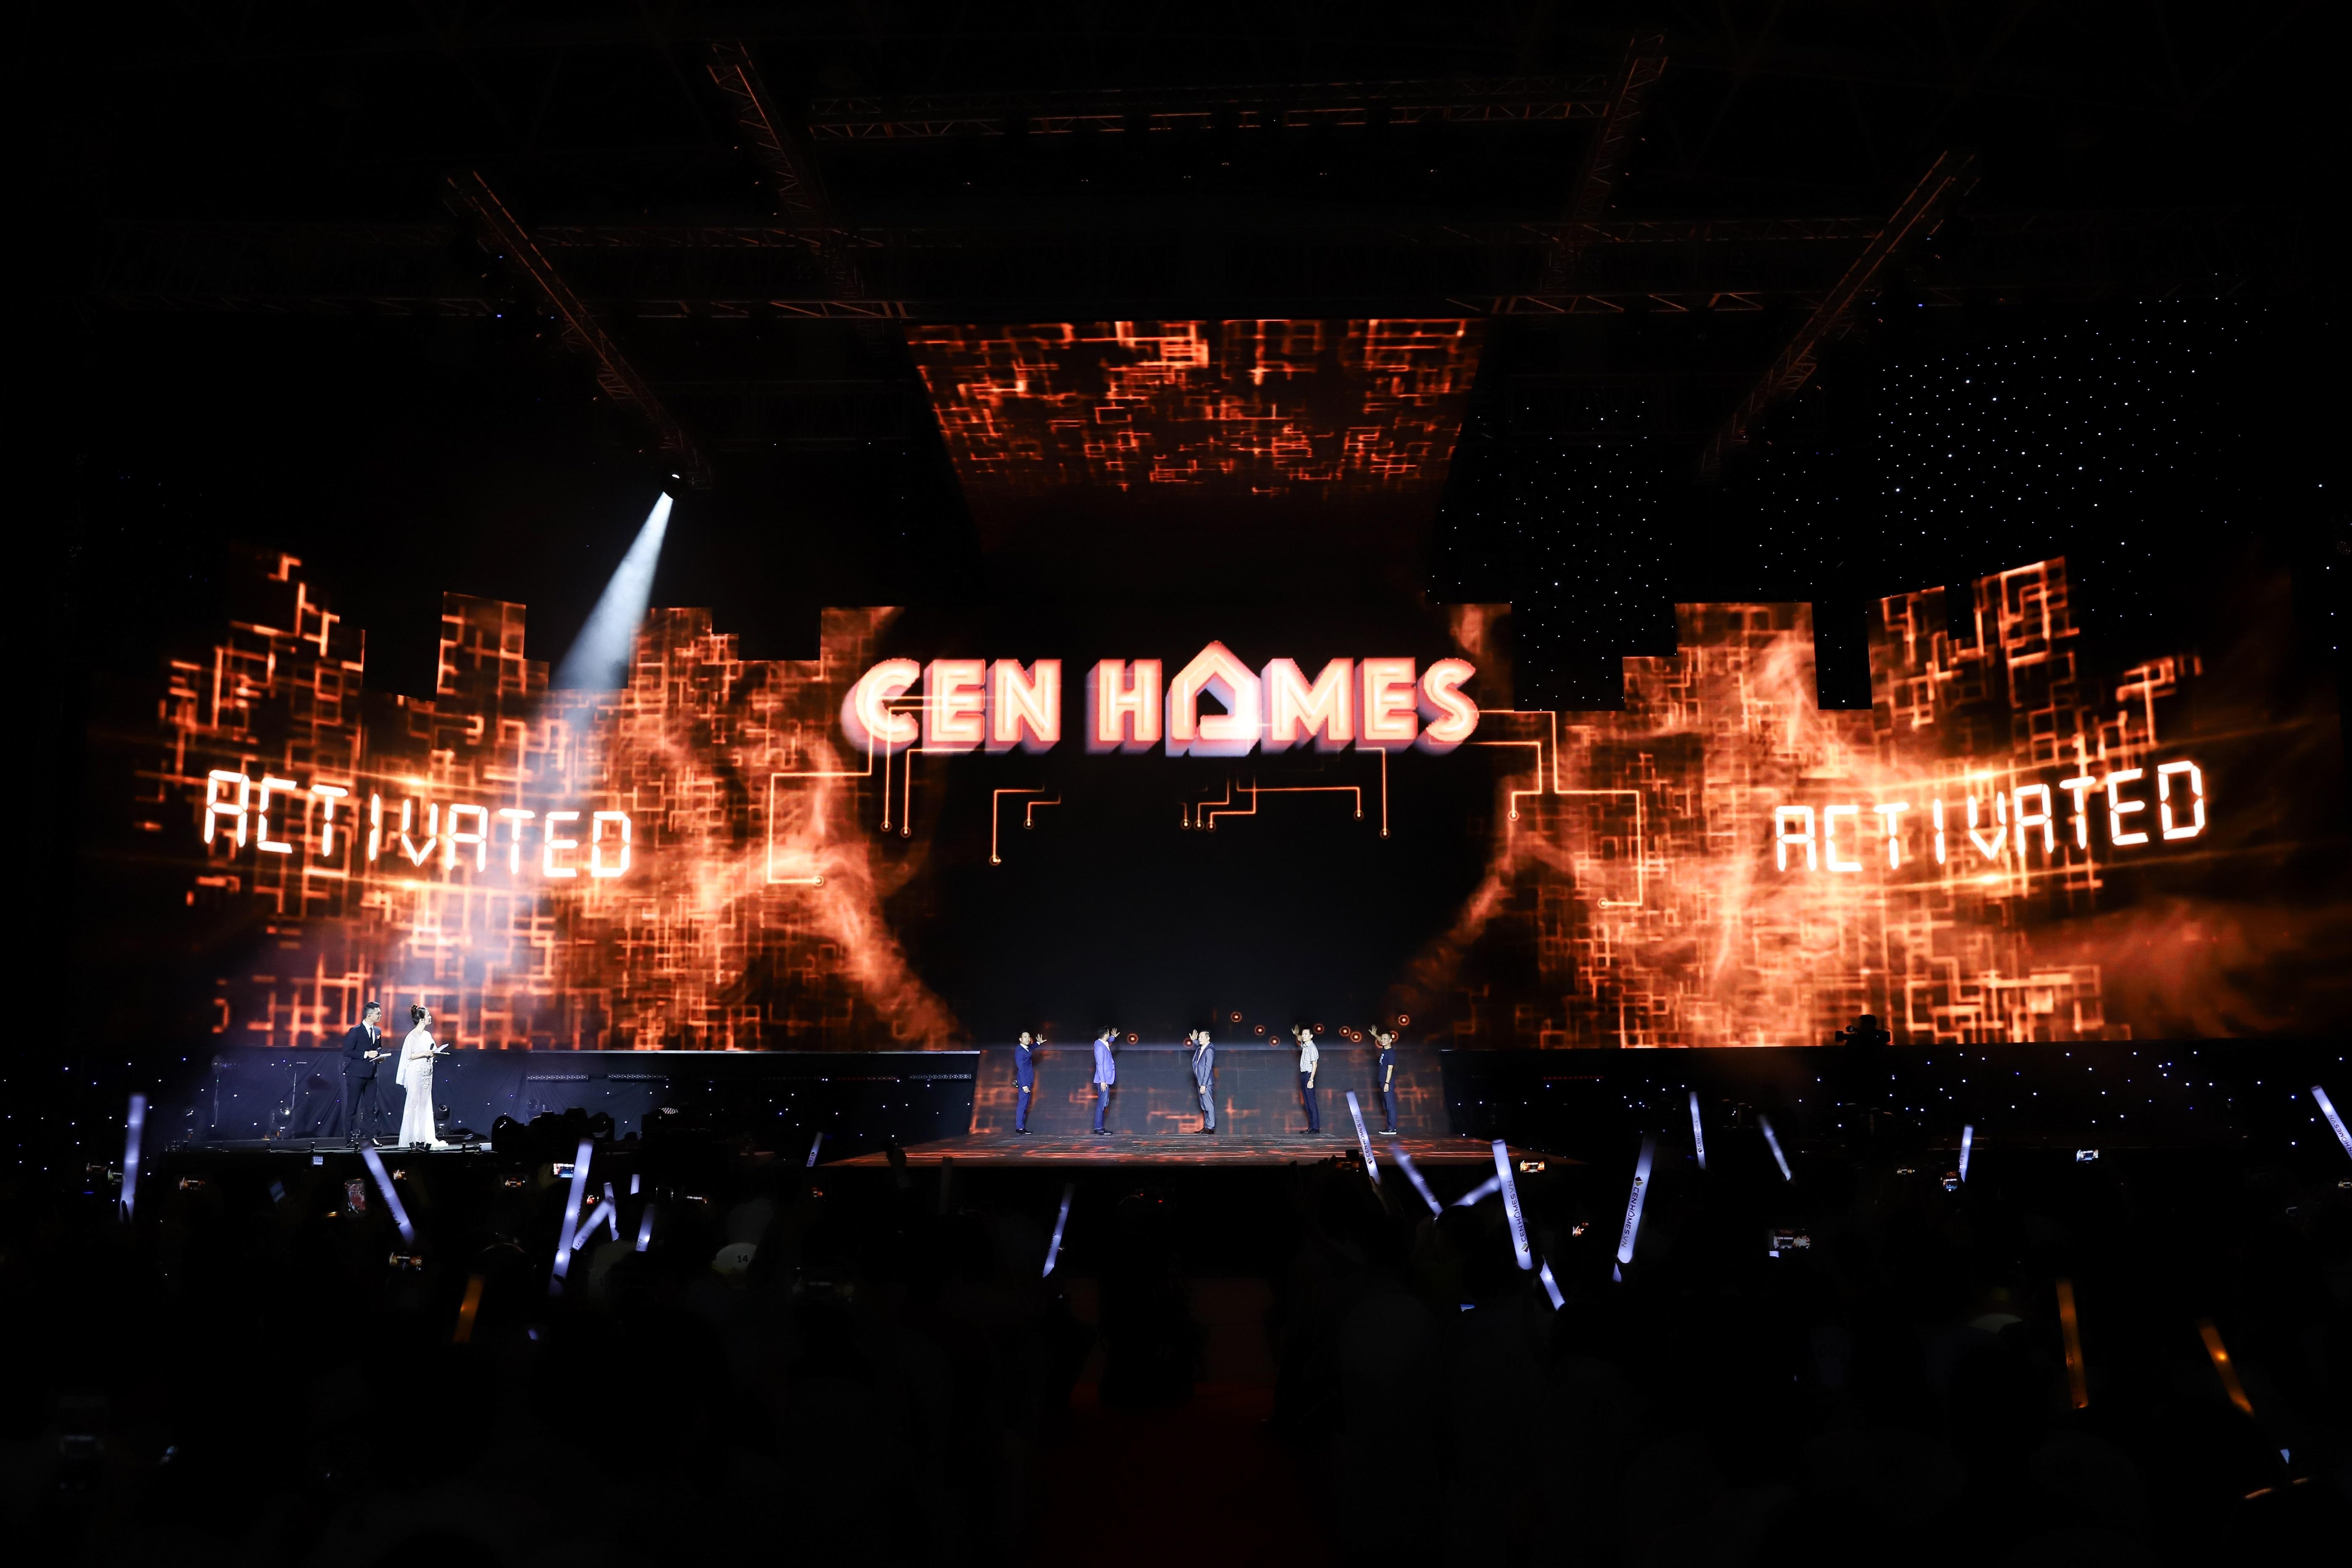 Ra mắt nền tảng công nghệ bất động sản Cenhomes.vn - Ảnh 2